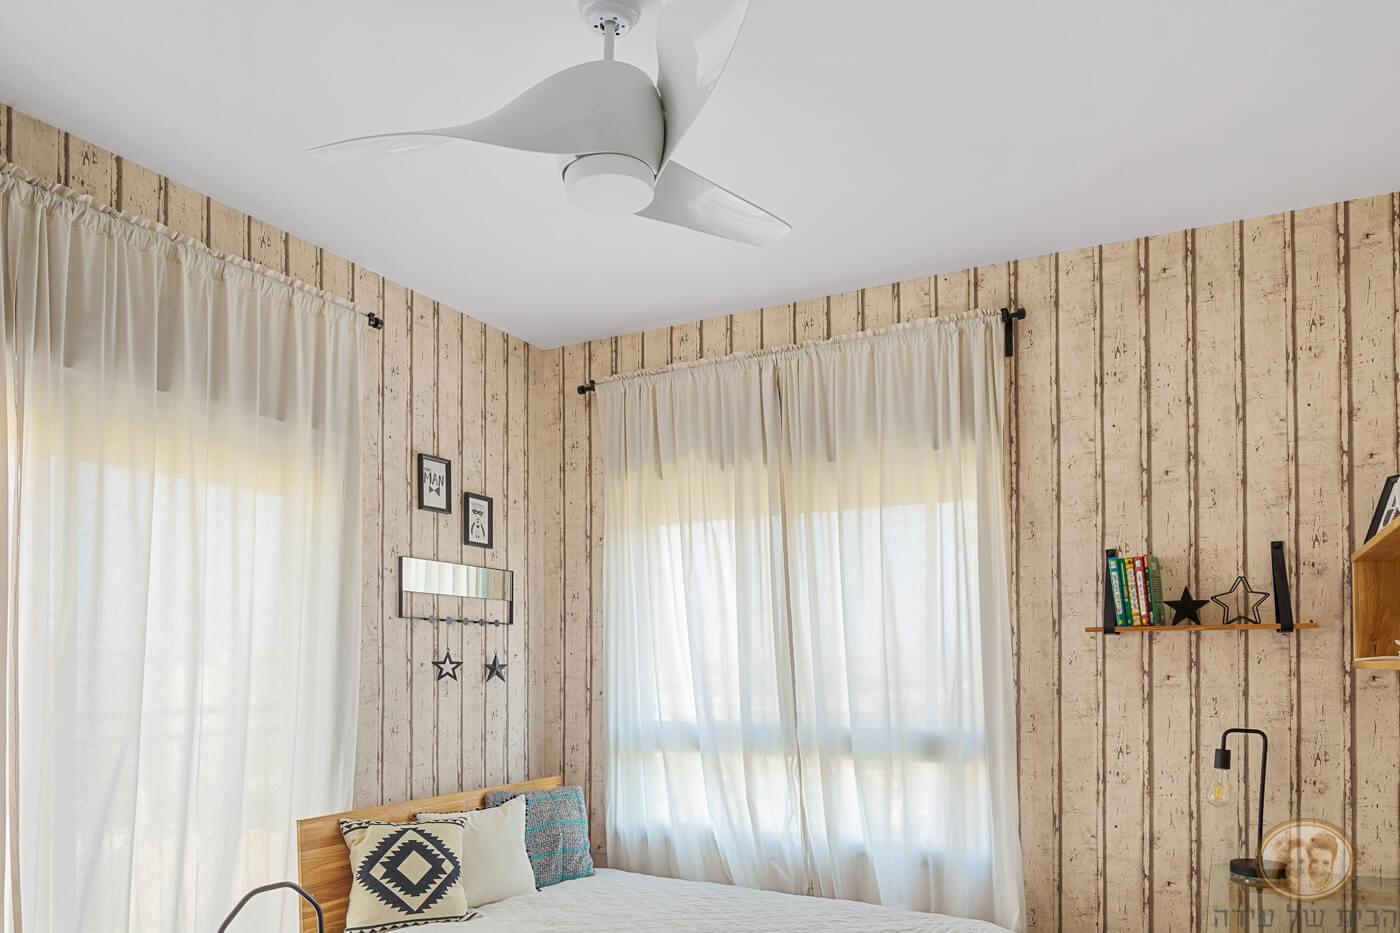 עיצוב חדרי ילדים בסגנון נורדי